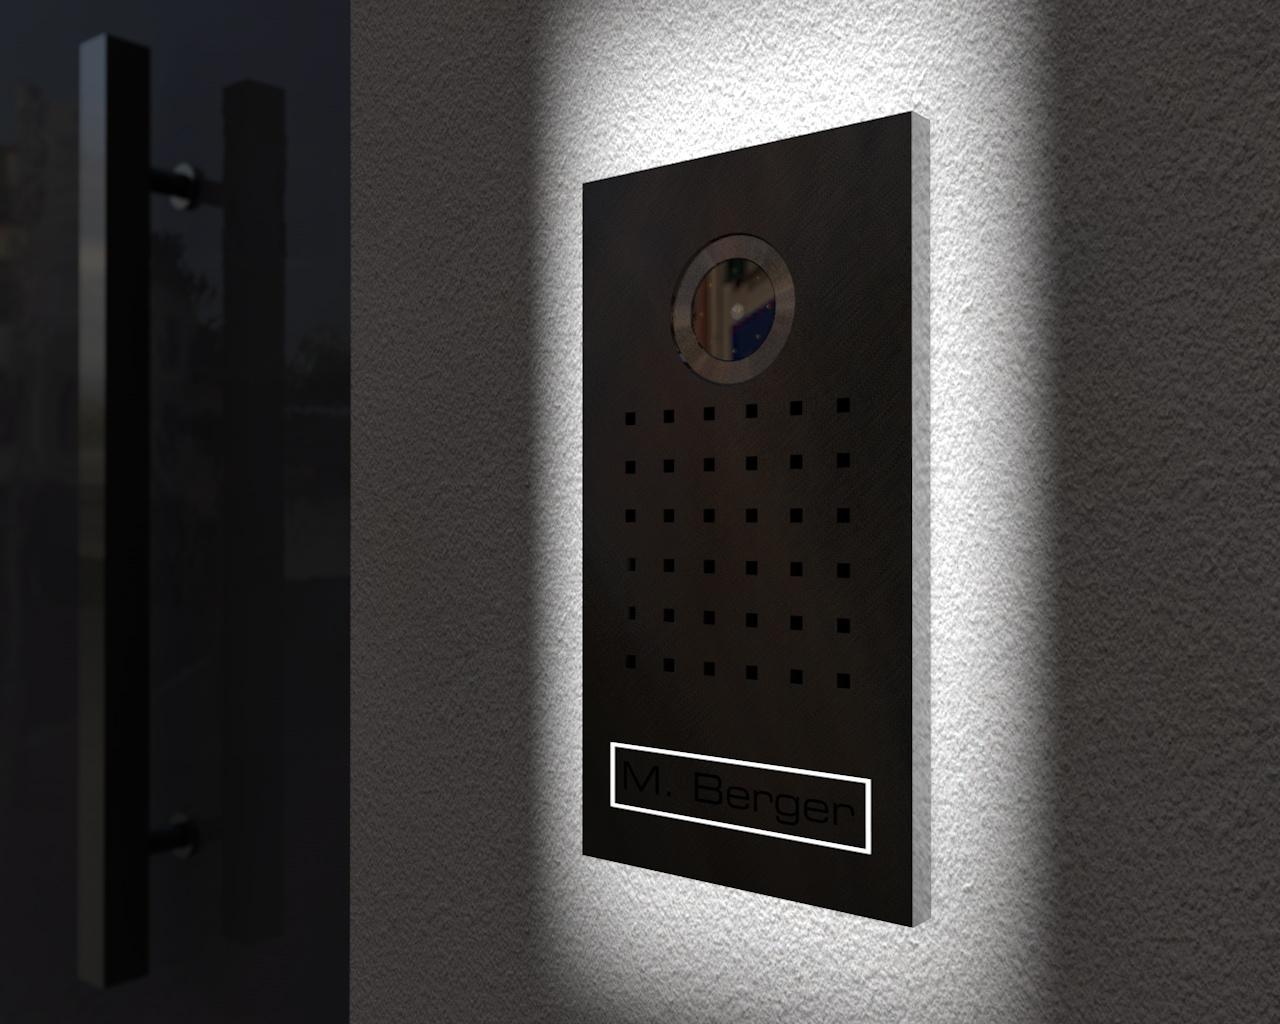 Video Türsprechanlage 15x27cm; mit Led-Hintergrundbeleuchtung